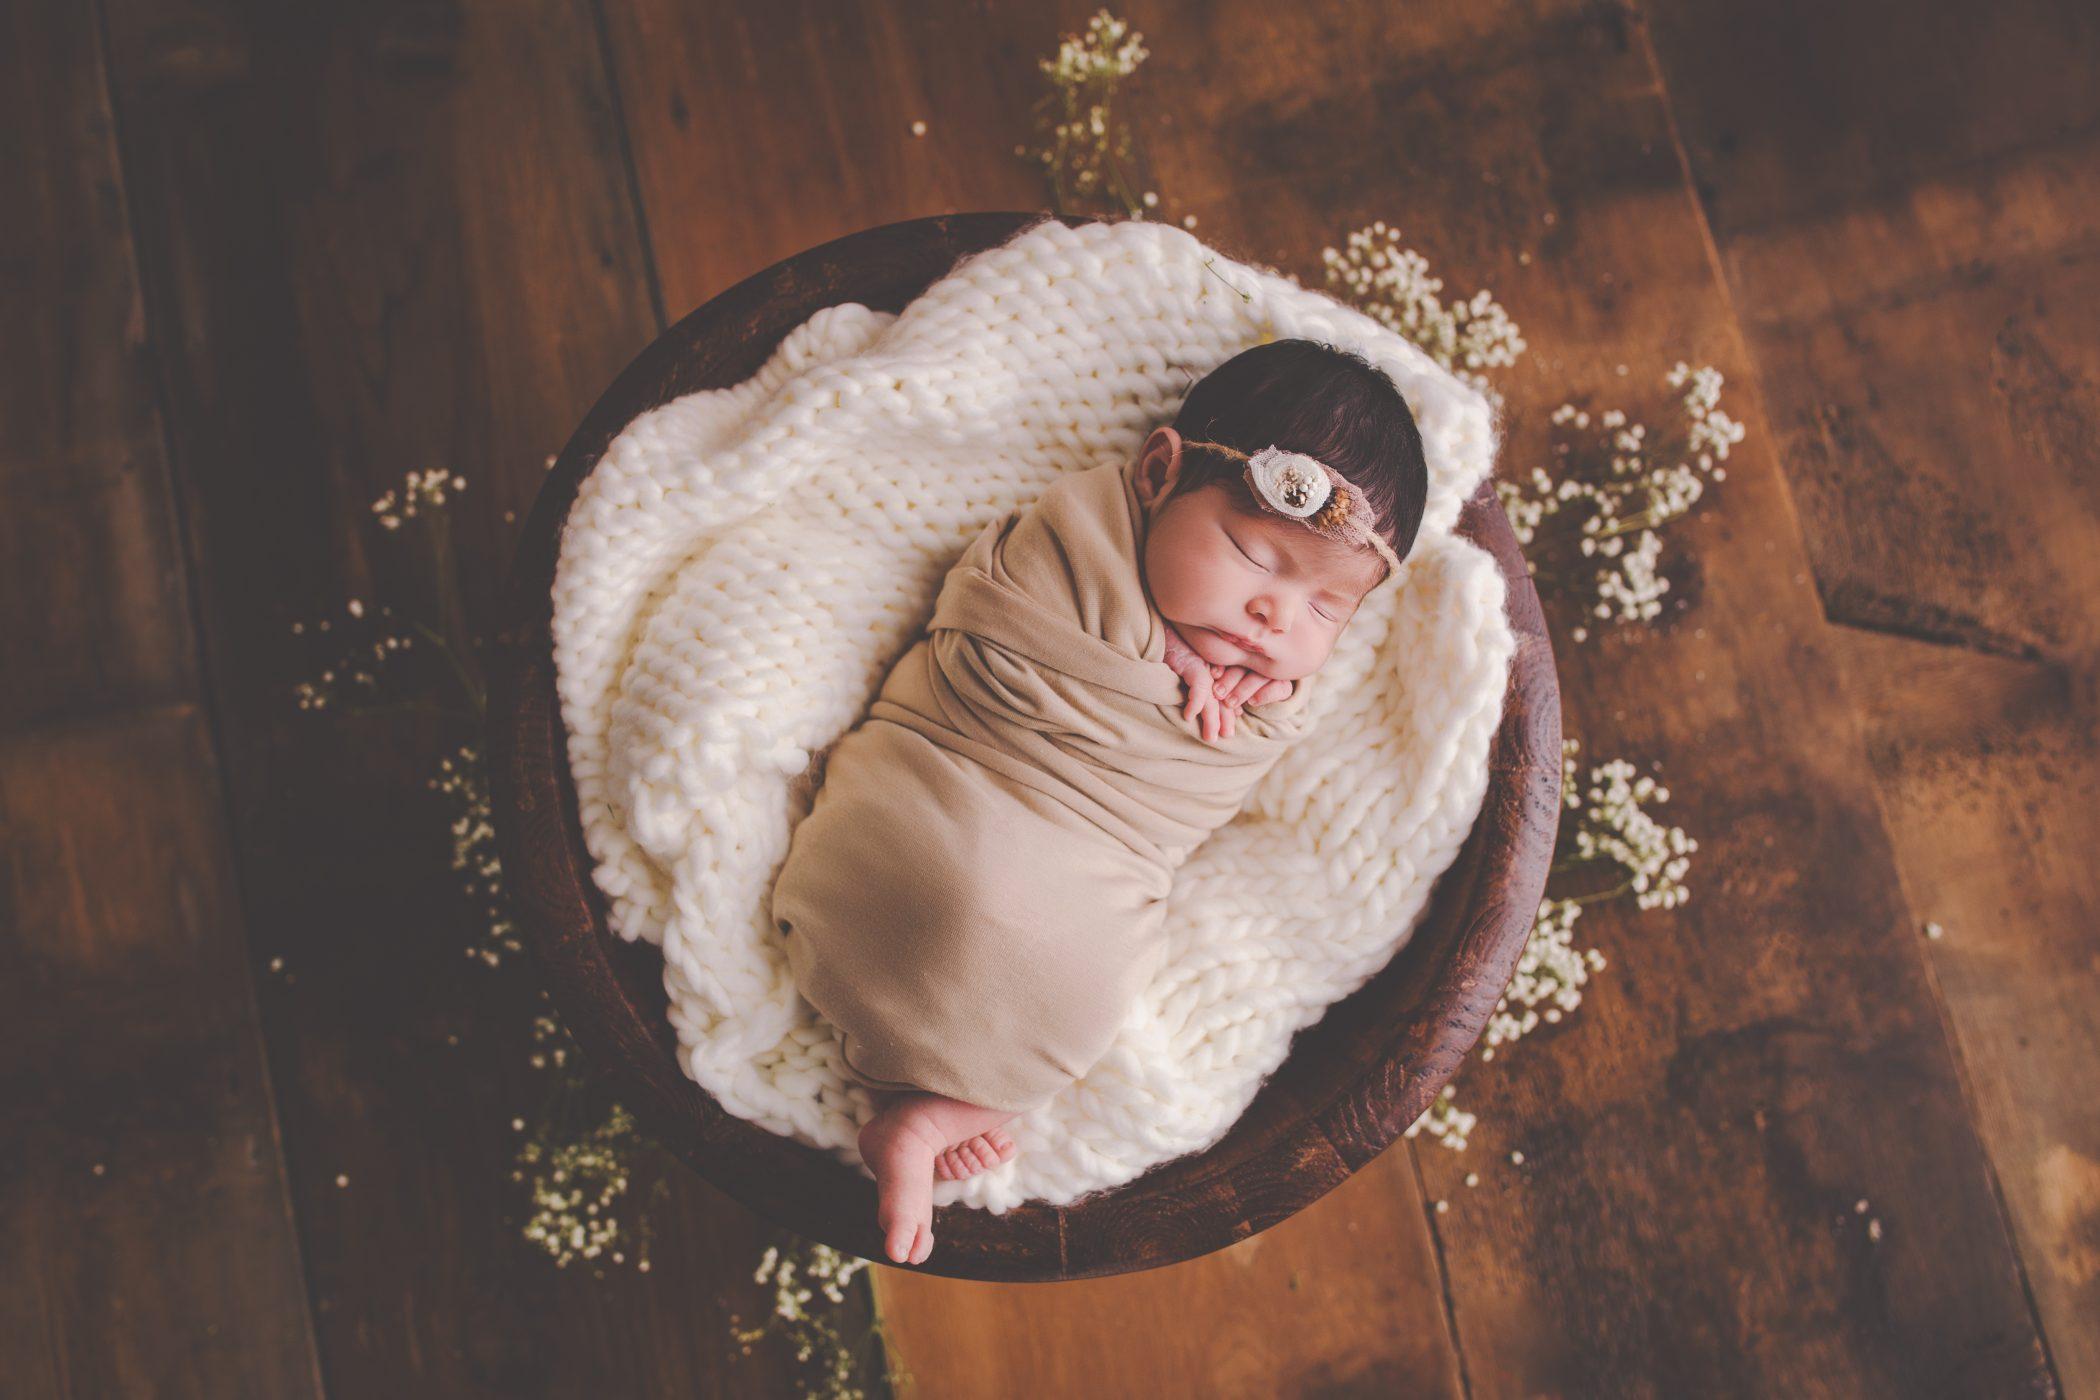 Mount Vernon, WA Newborn Photographer